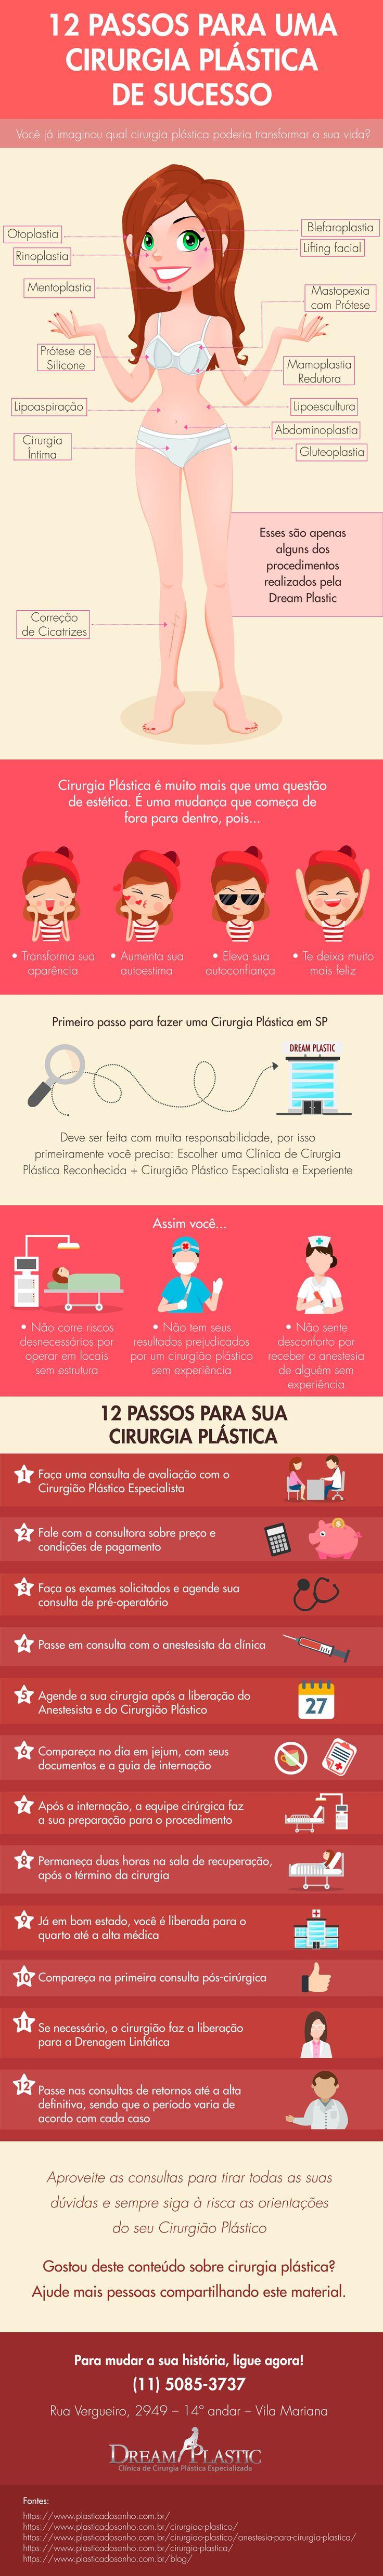 [Infográfico] Cirurgia plástica em 12 passos simples e realistas para você seguir e ter sucesso na sua